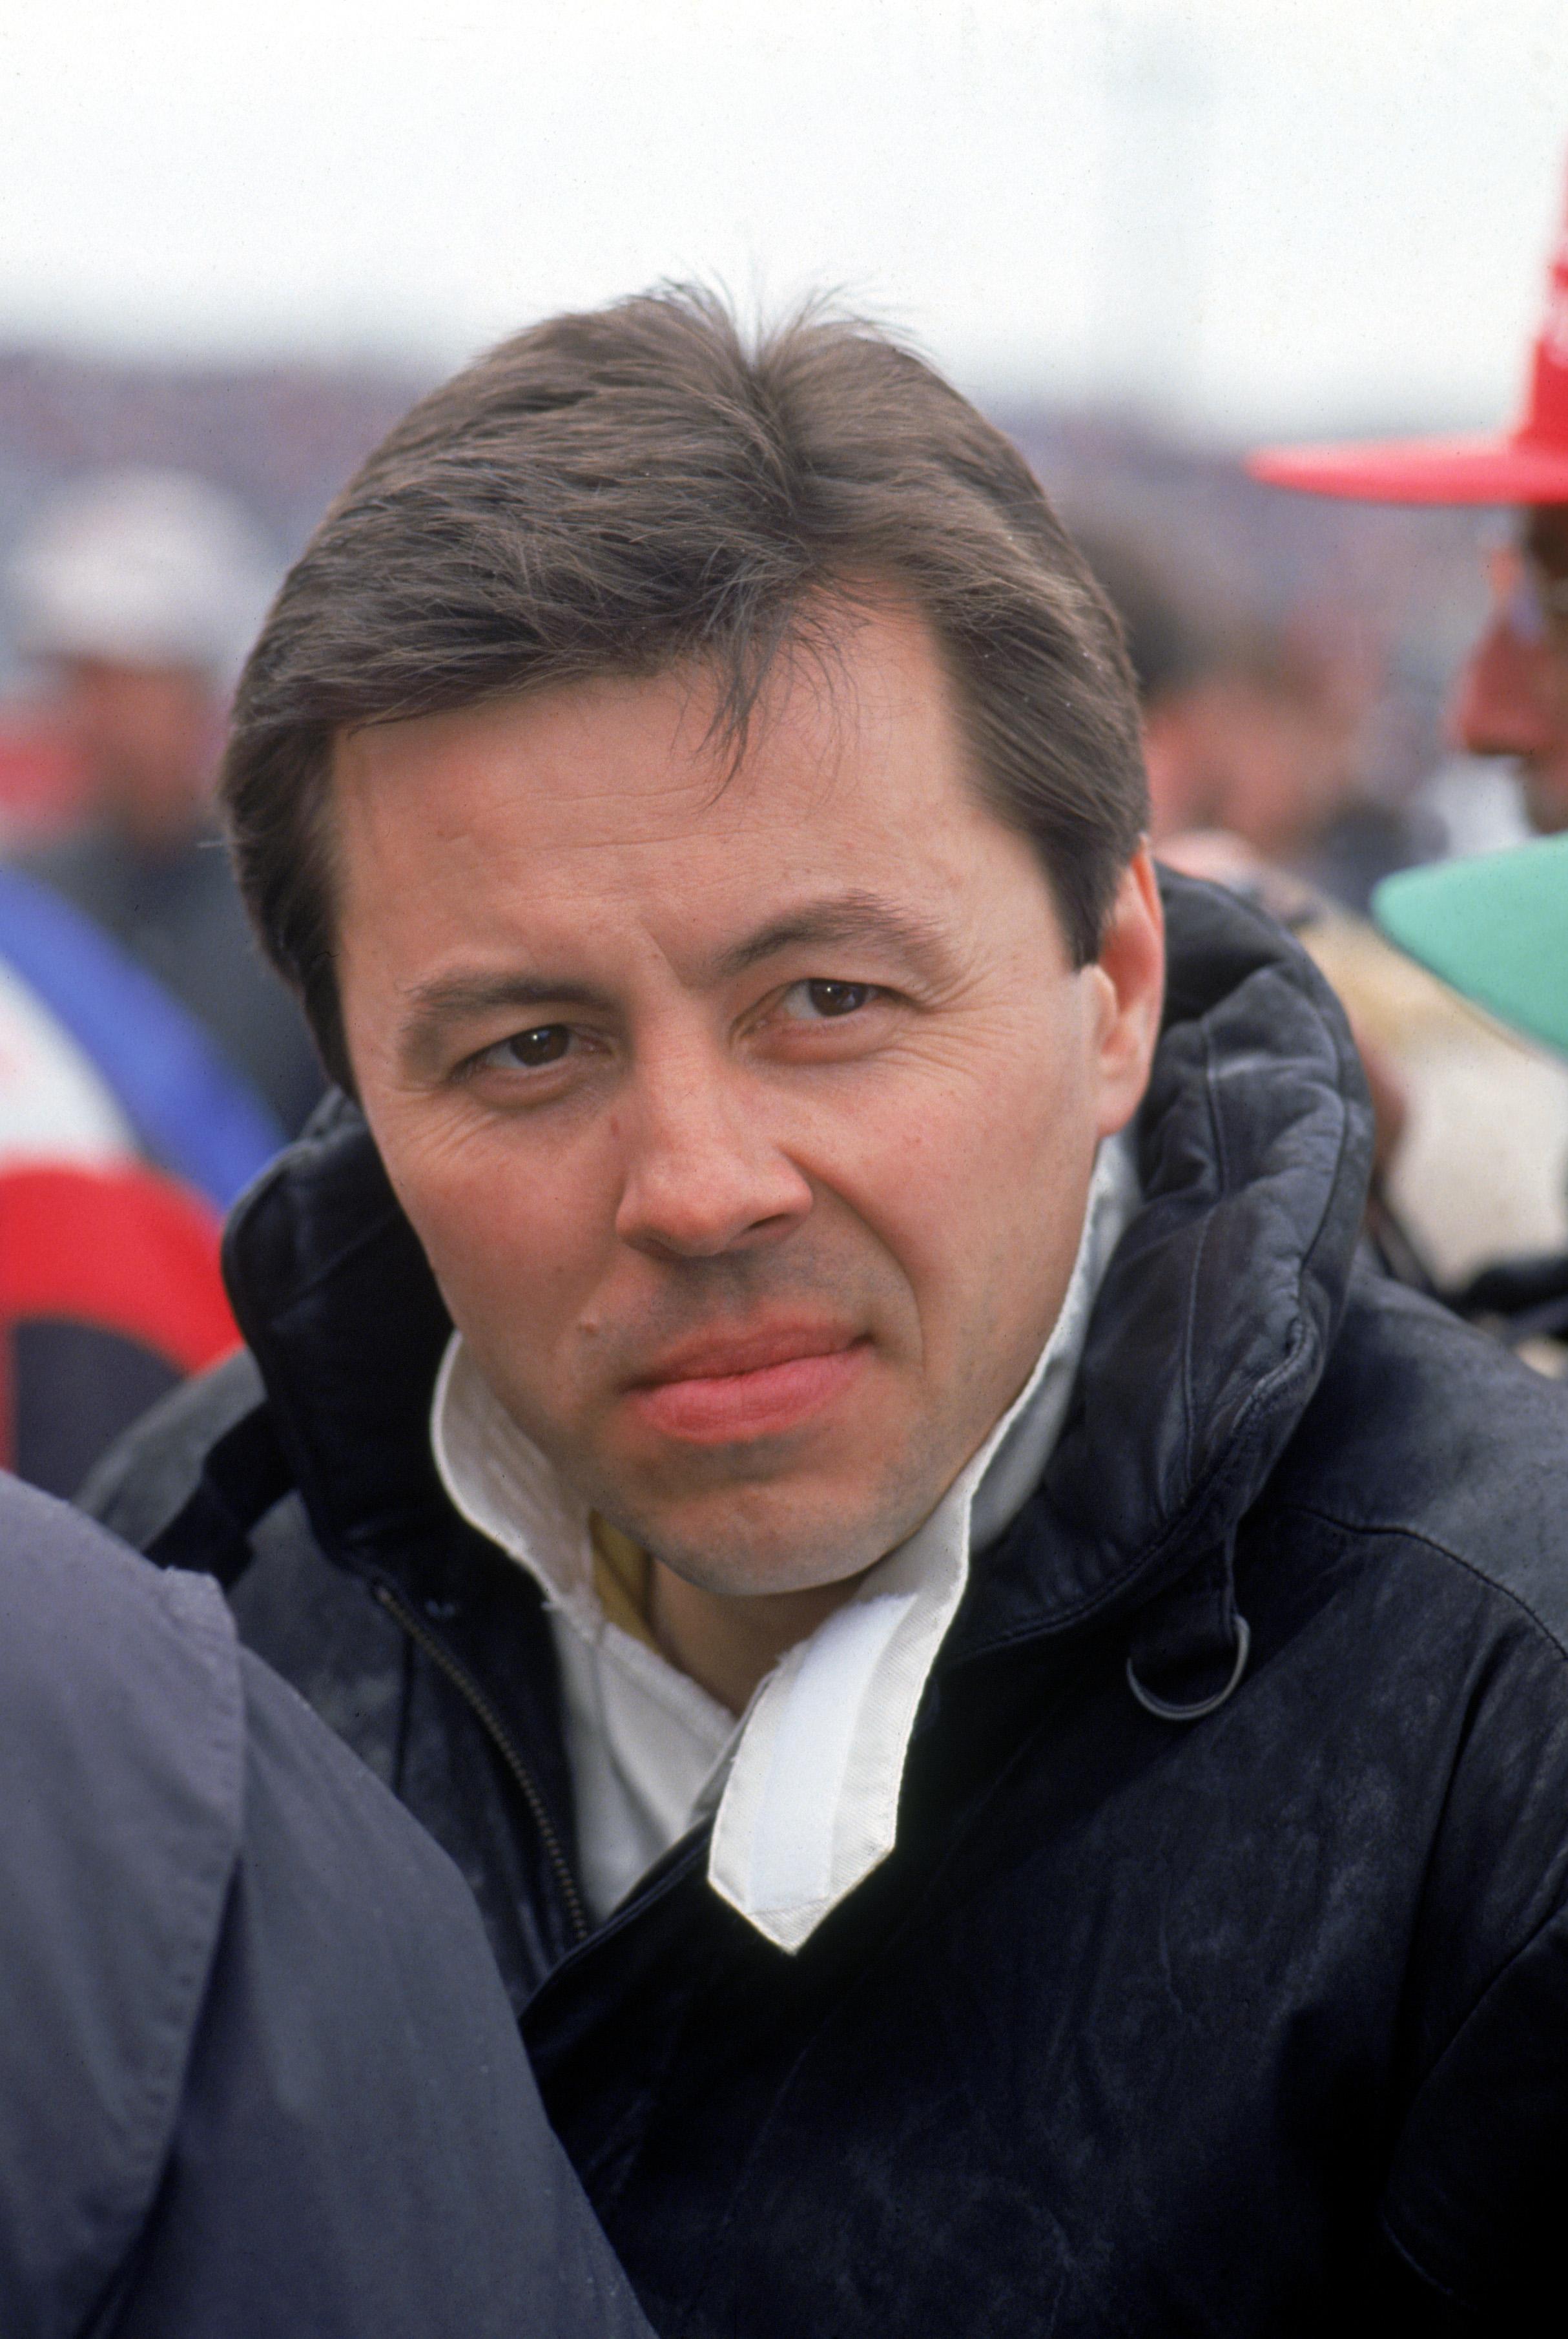 DAYTONA - FEBRUARY: Driver Alan Kulwicki looks on before the 1991 Daytona 500 at Daytona International Speedway on February,1991 in Daytona. Florida. ( Photo by: Getty Images/Getty Images)